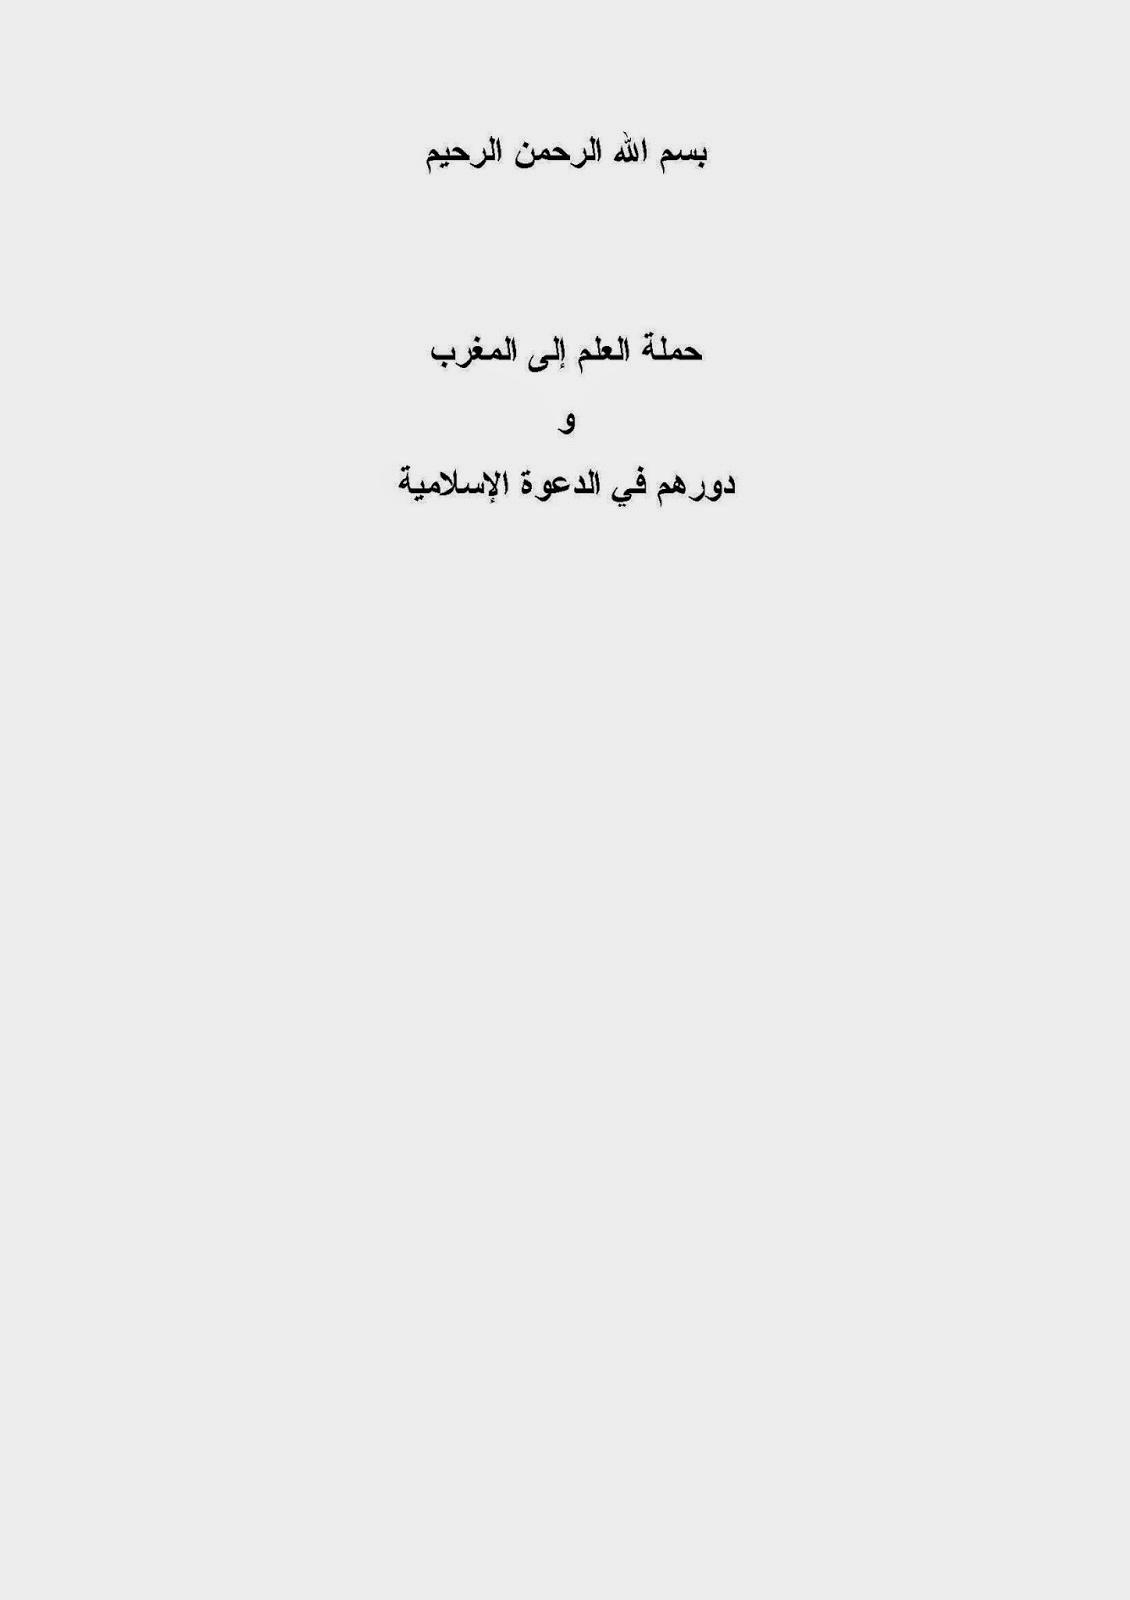 حملة العلم إلى المغرب ودورهم في الدعوة الإسلامية لـ يوسف البراشدي